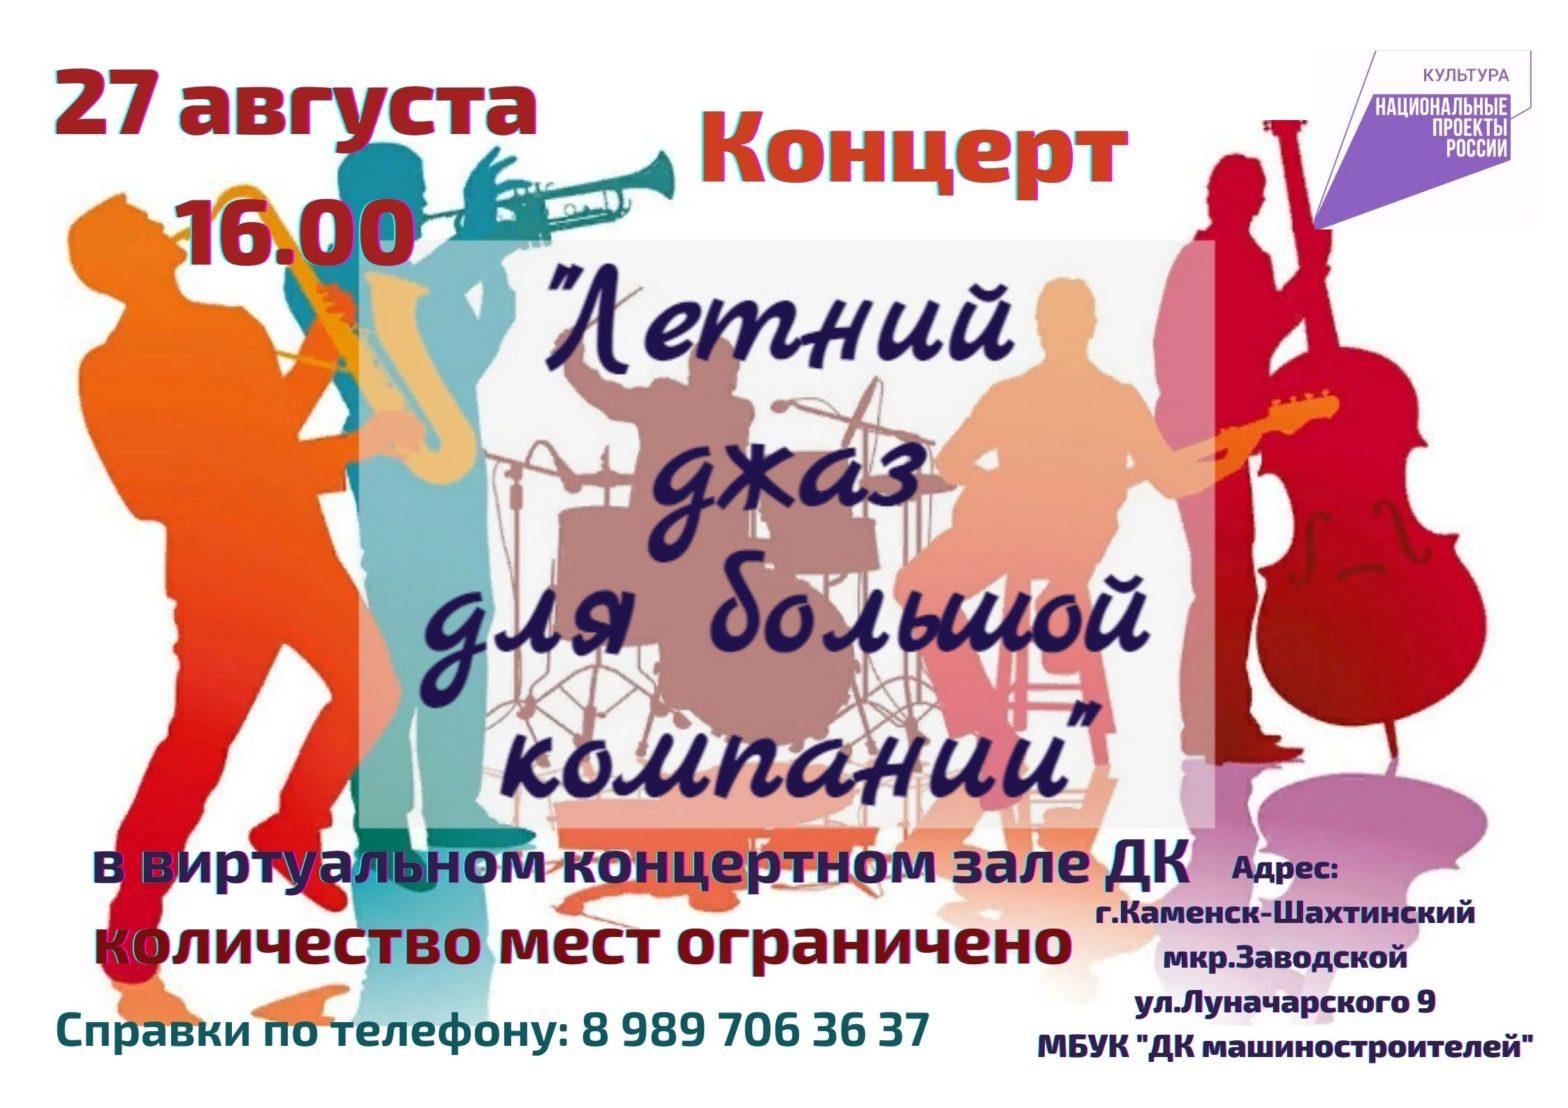 Заводской приглашает на «Летний джаз для большой компании»